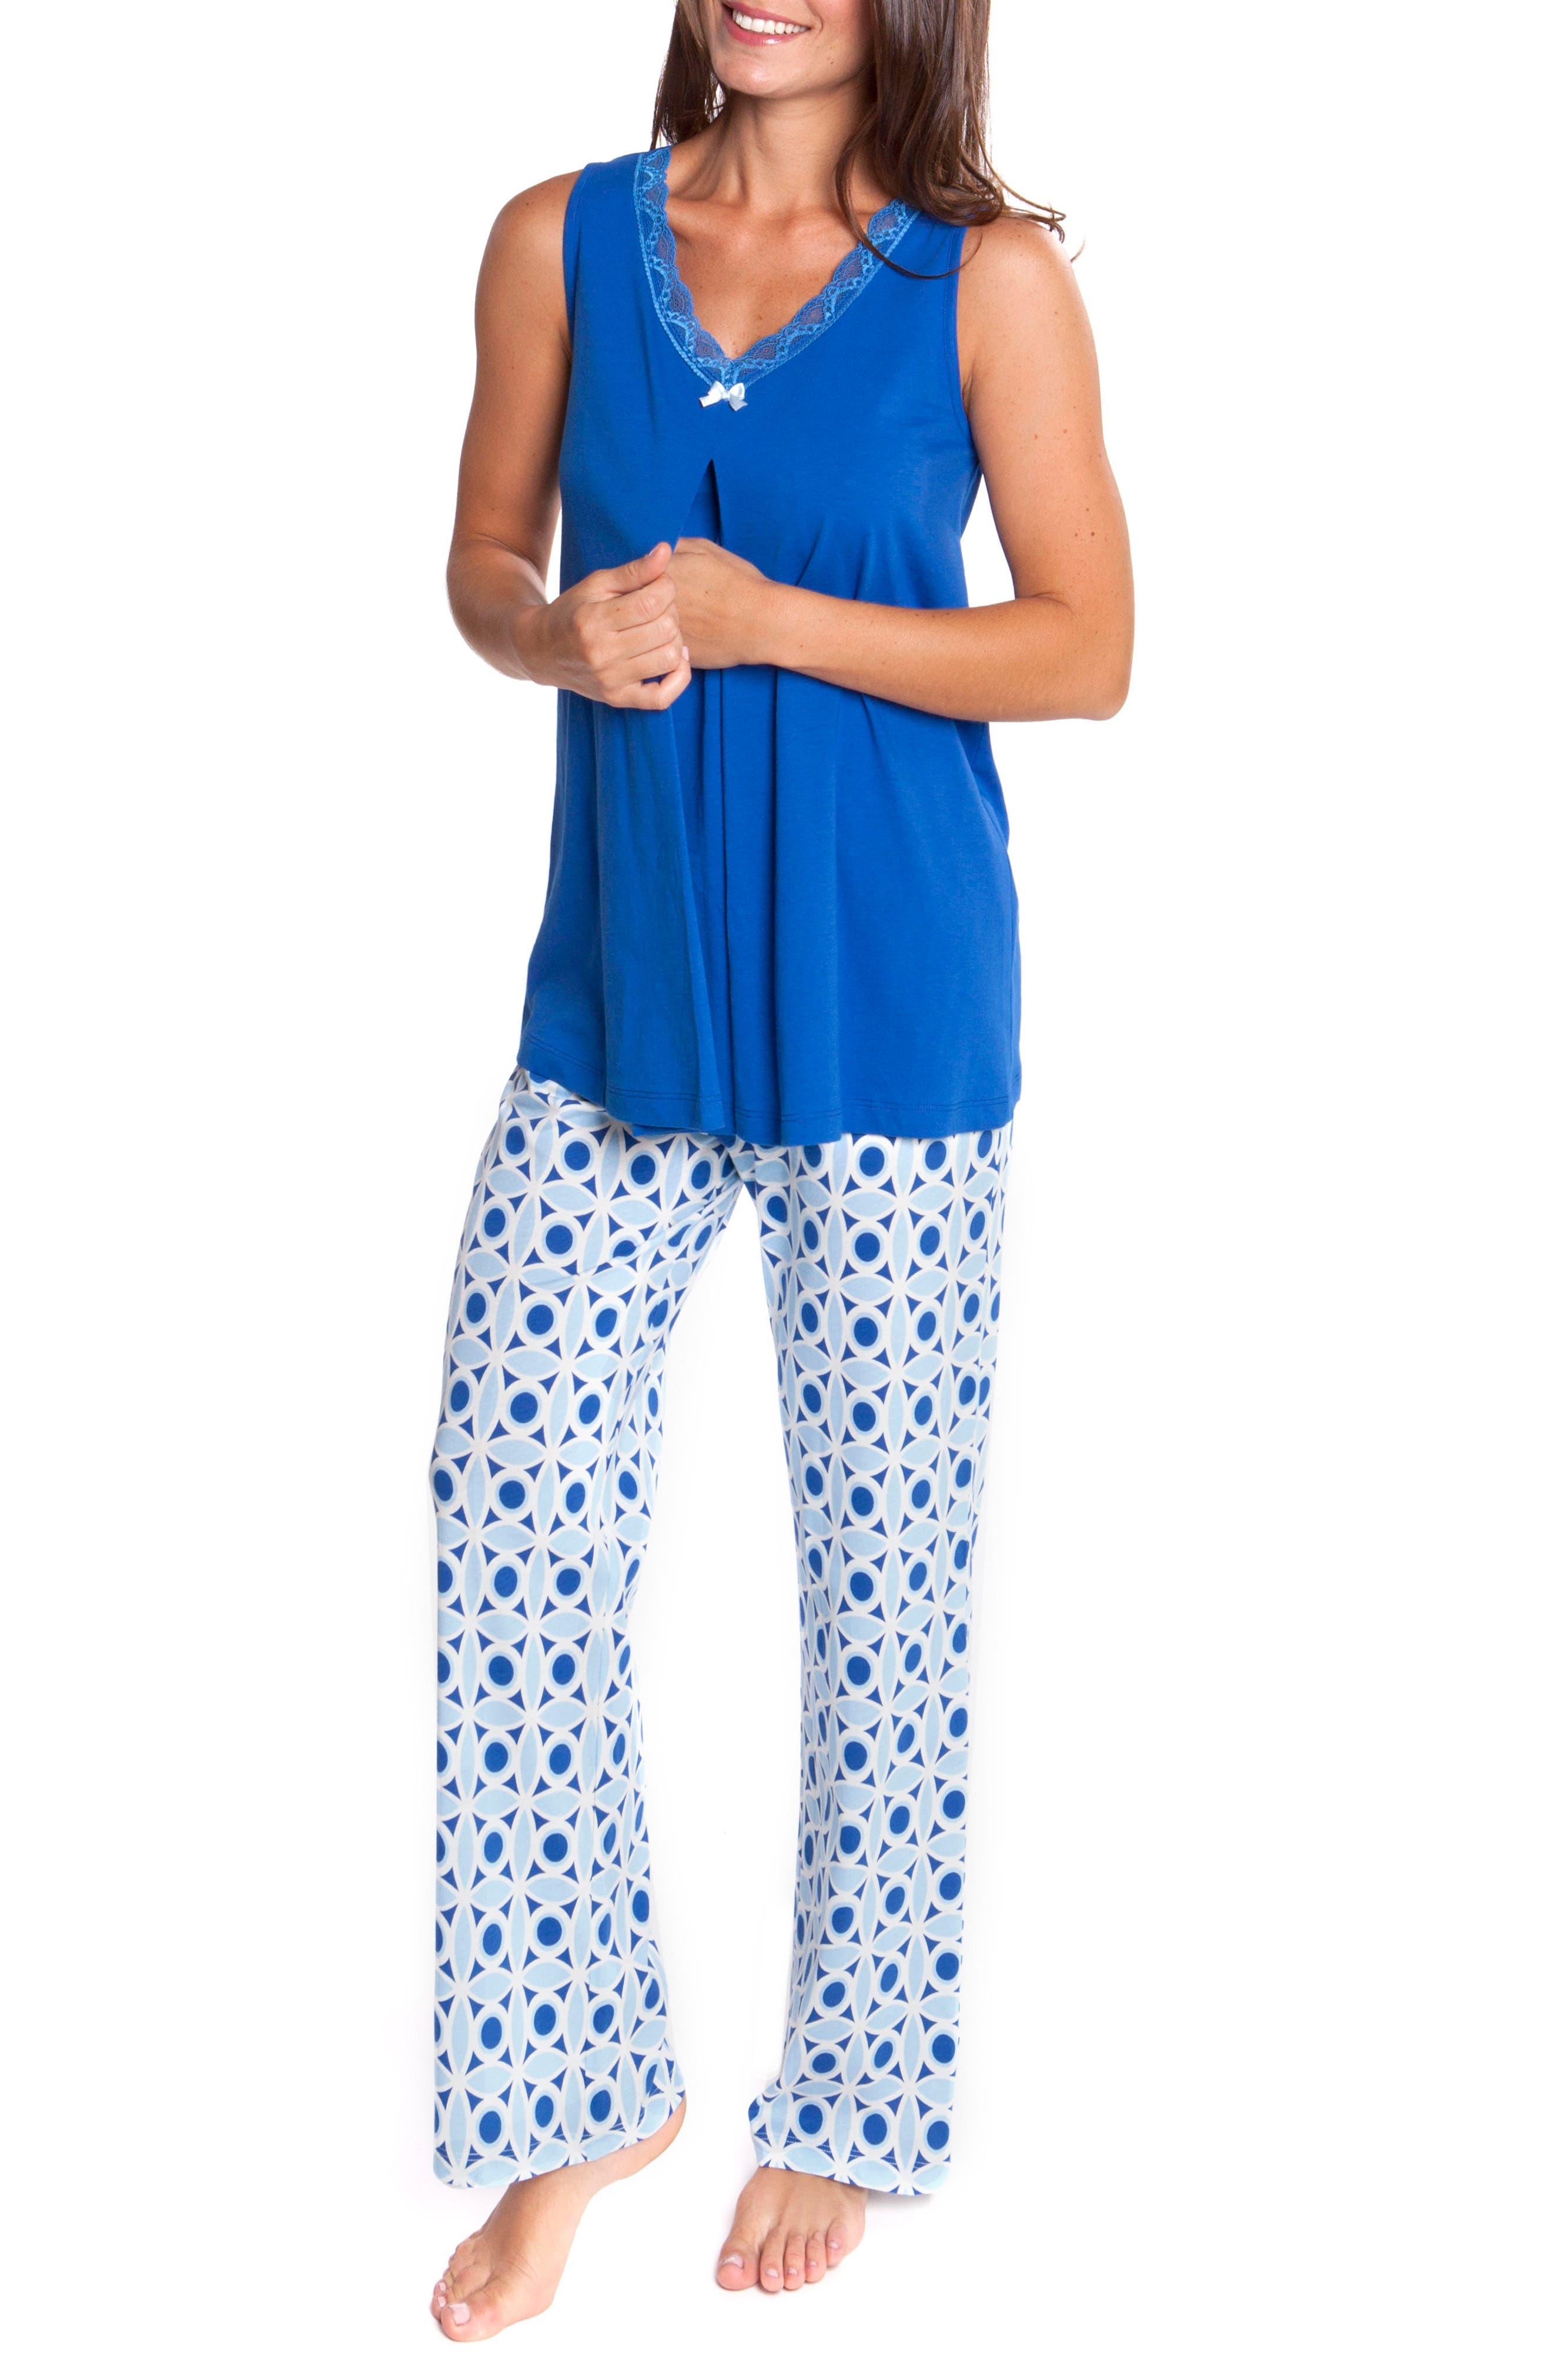 Olian 4-Piece Maternity/Nursing Sleepwear Set